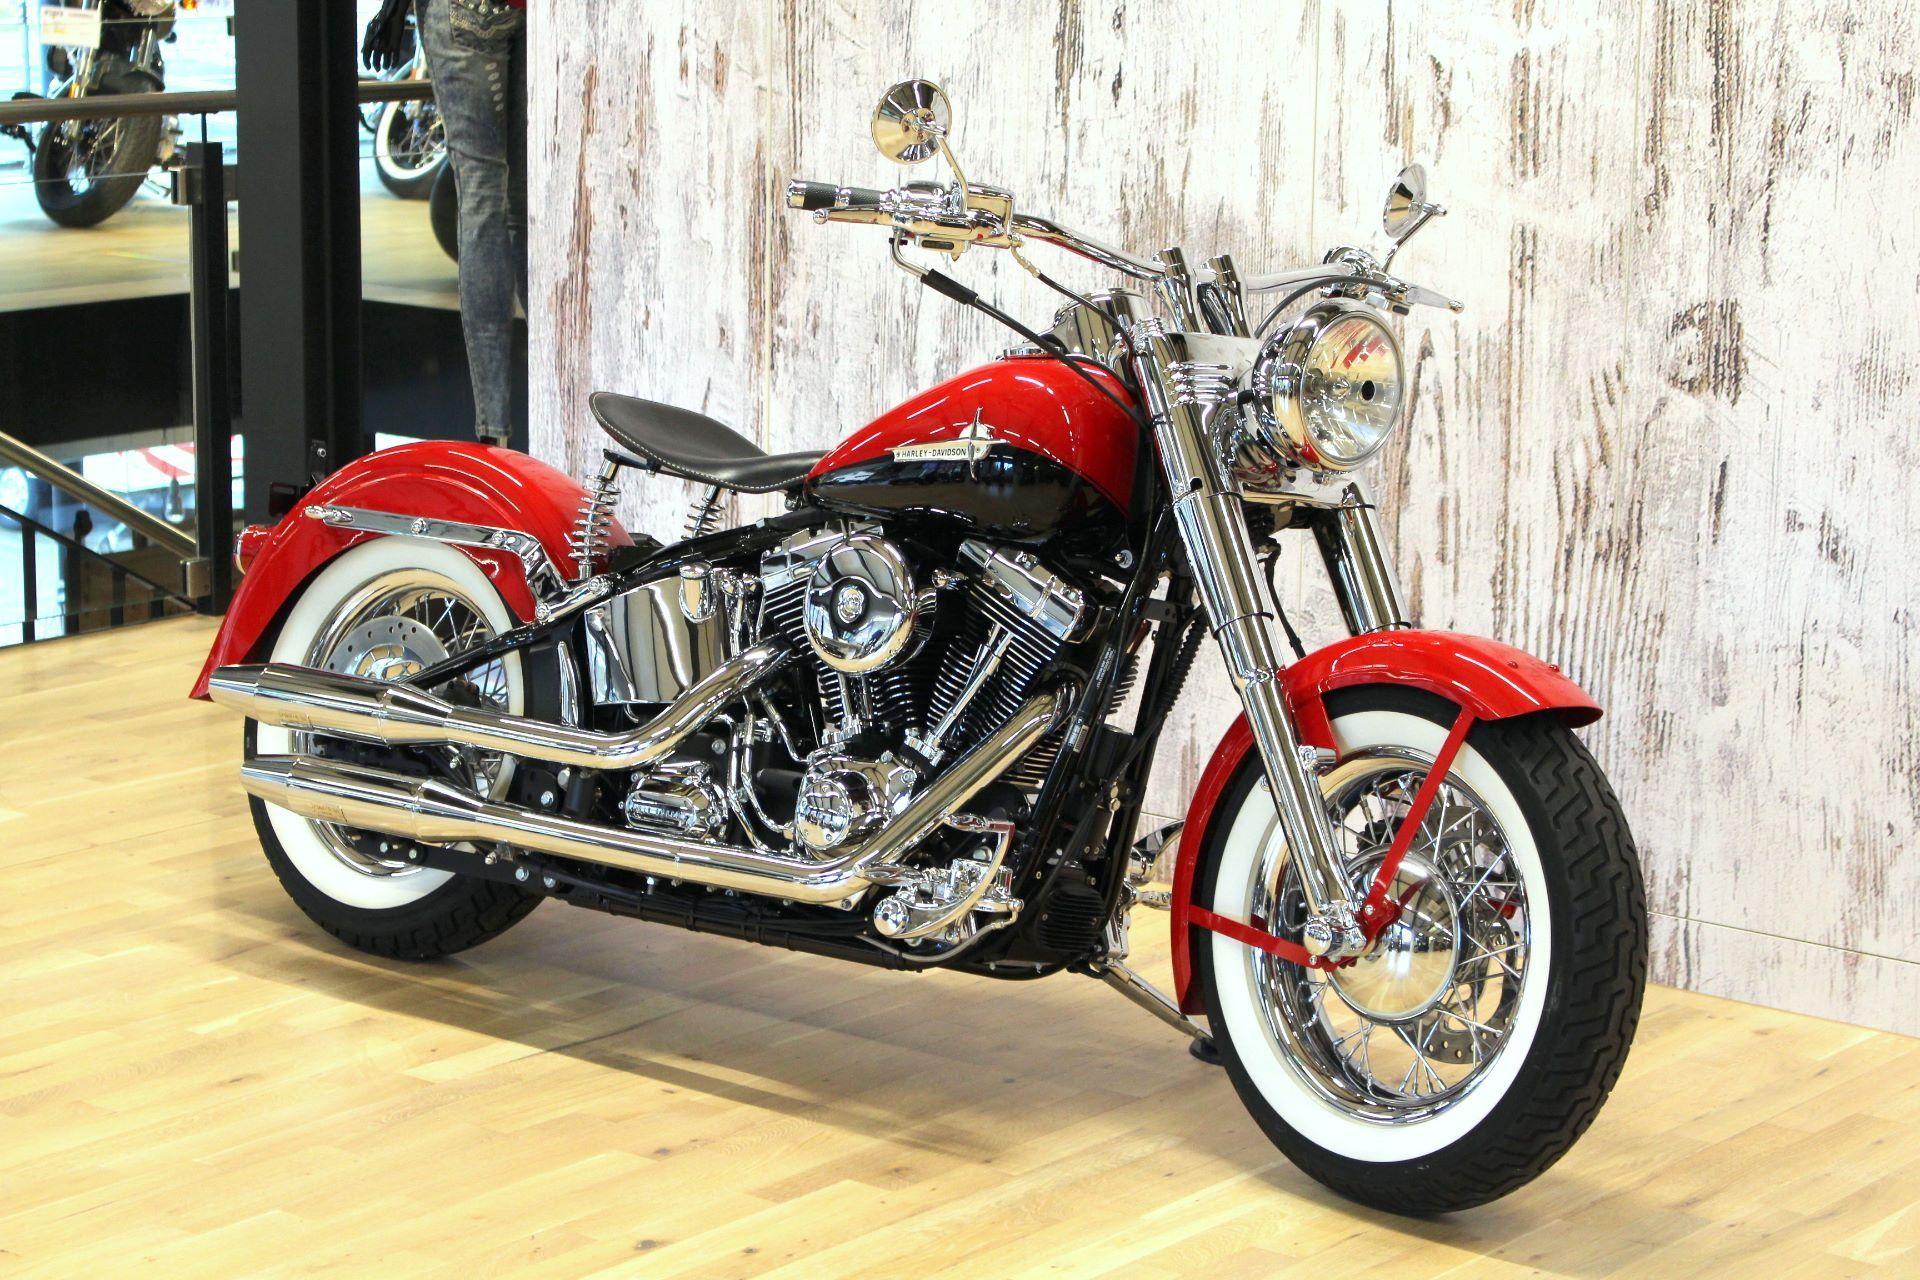 Harley Davidson Flstn Softail Deluxe Price